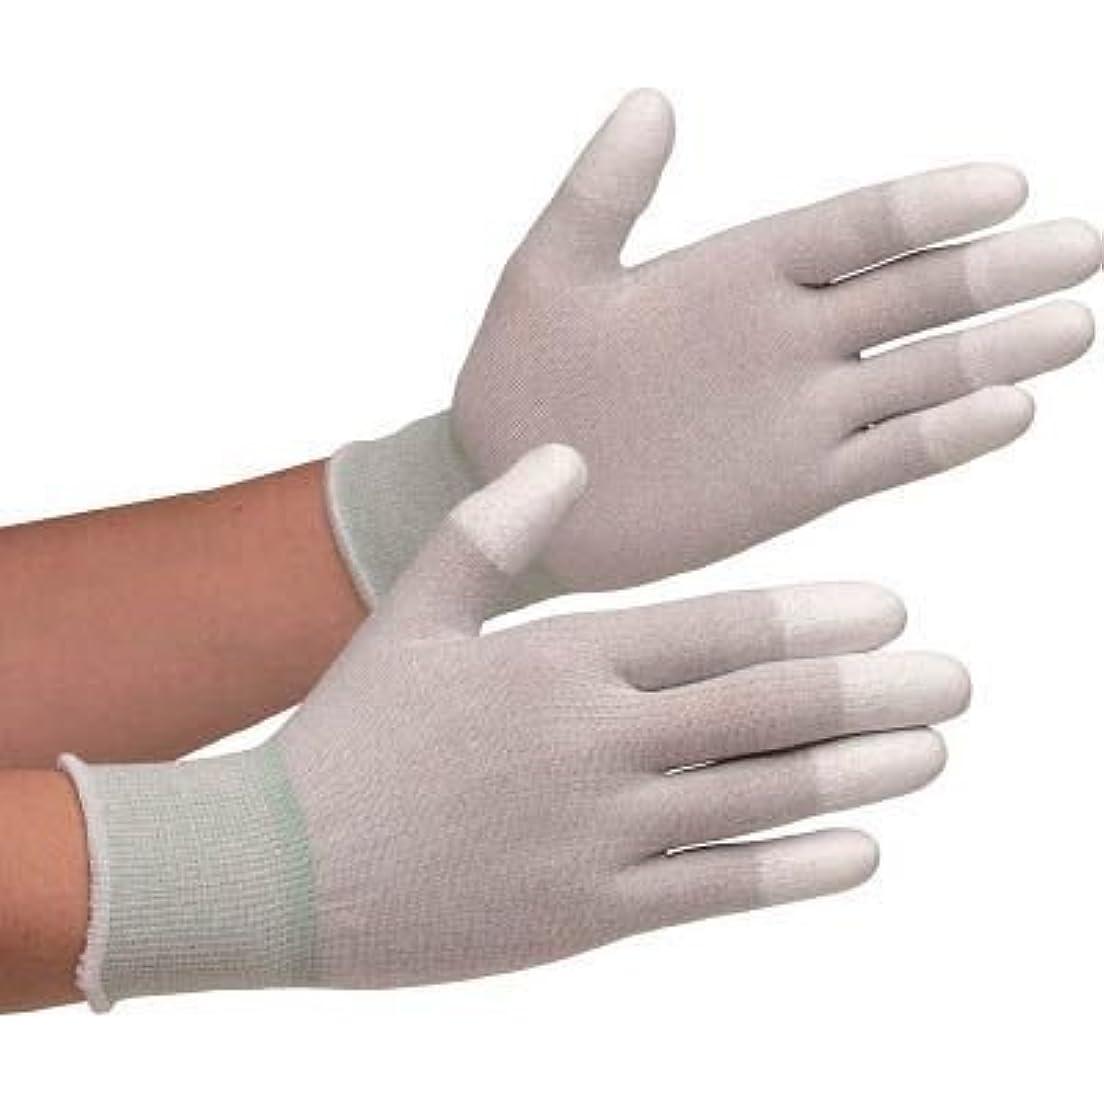 代わりにを立てるシュートポールミドリ安全 静電気拡散性手袋(指先コート)S 10双入 MCG801S-7186 【4169905】